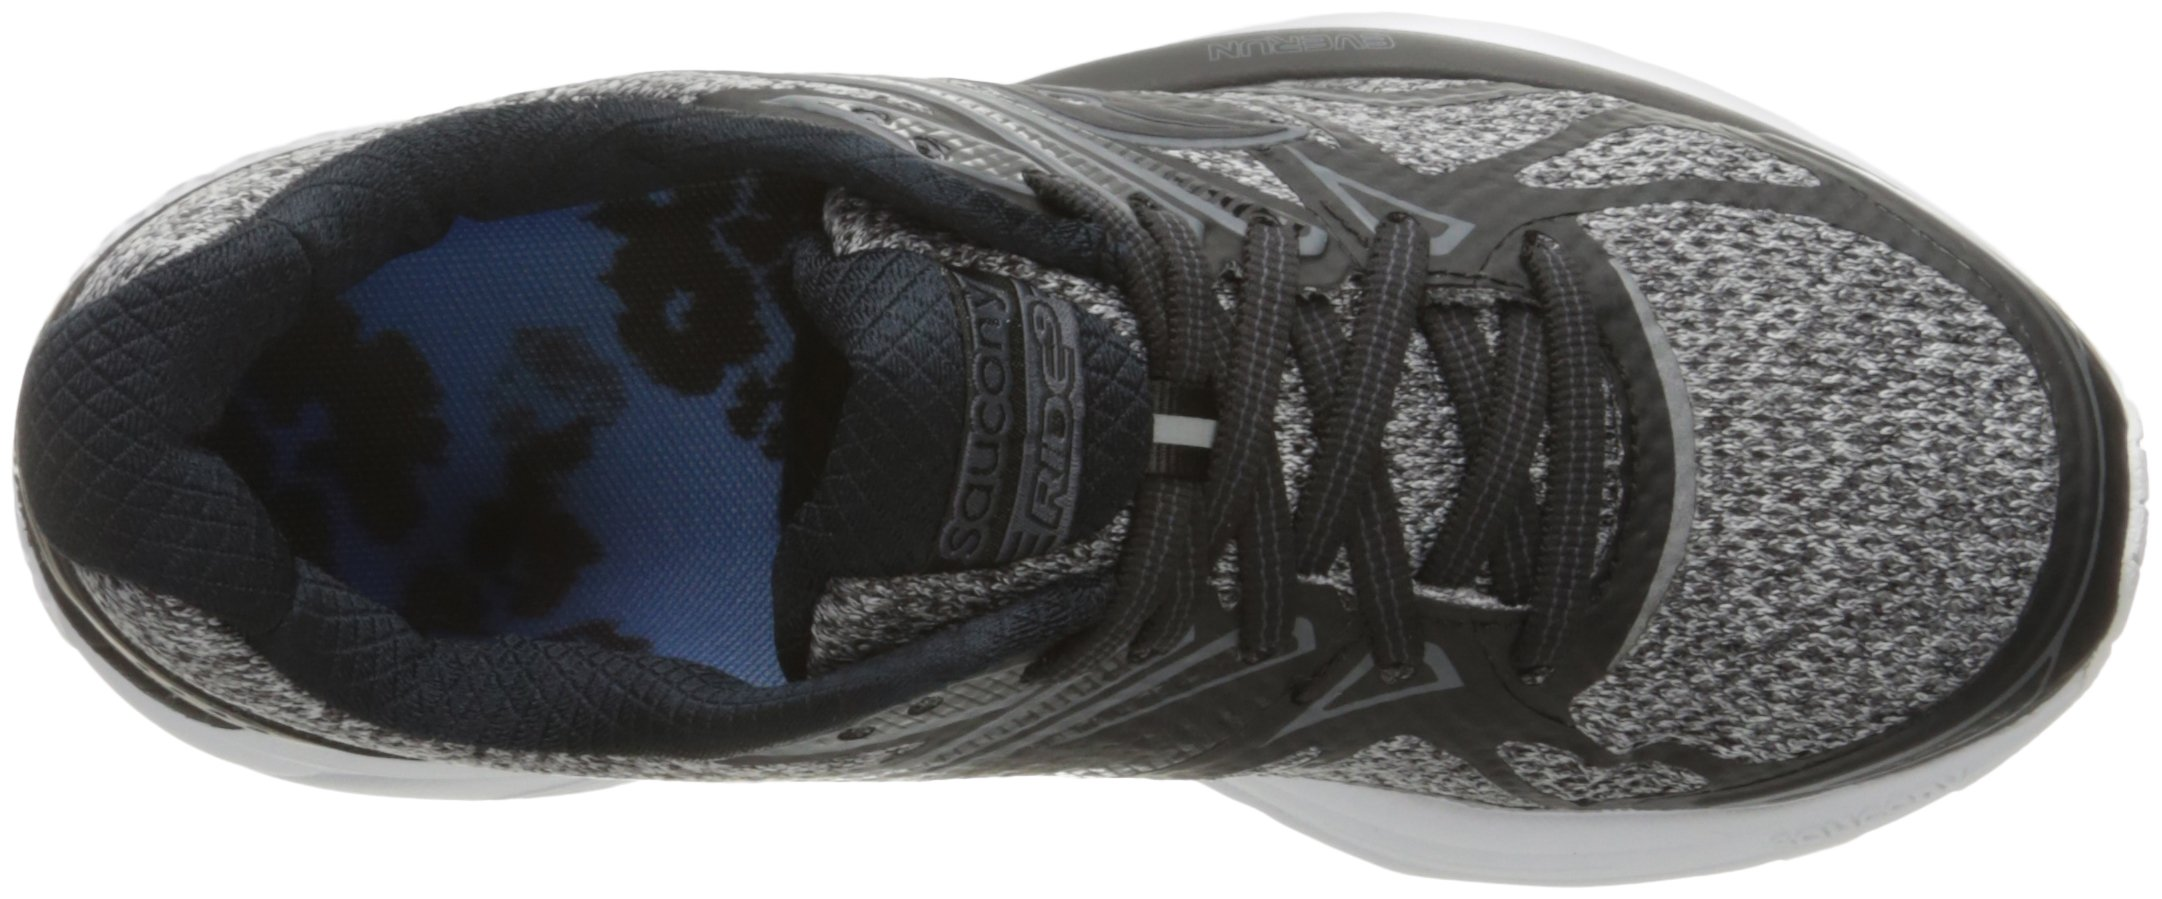 71eZ0L4n7pL - Saucony Women's Ride 9 Lr Running Shoe, Grey/Black, 5 M US